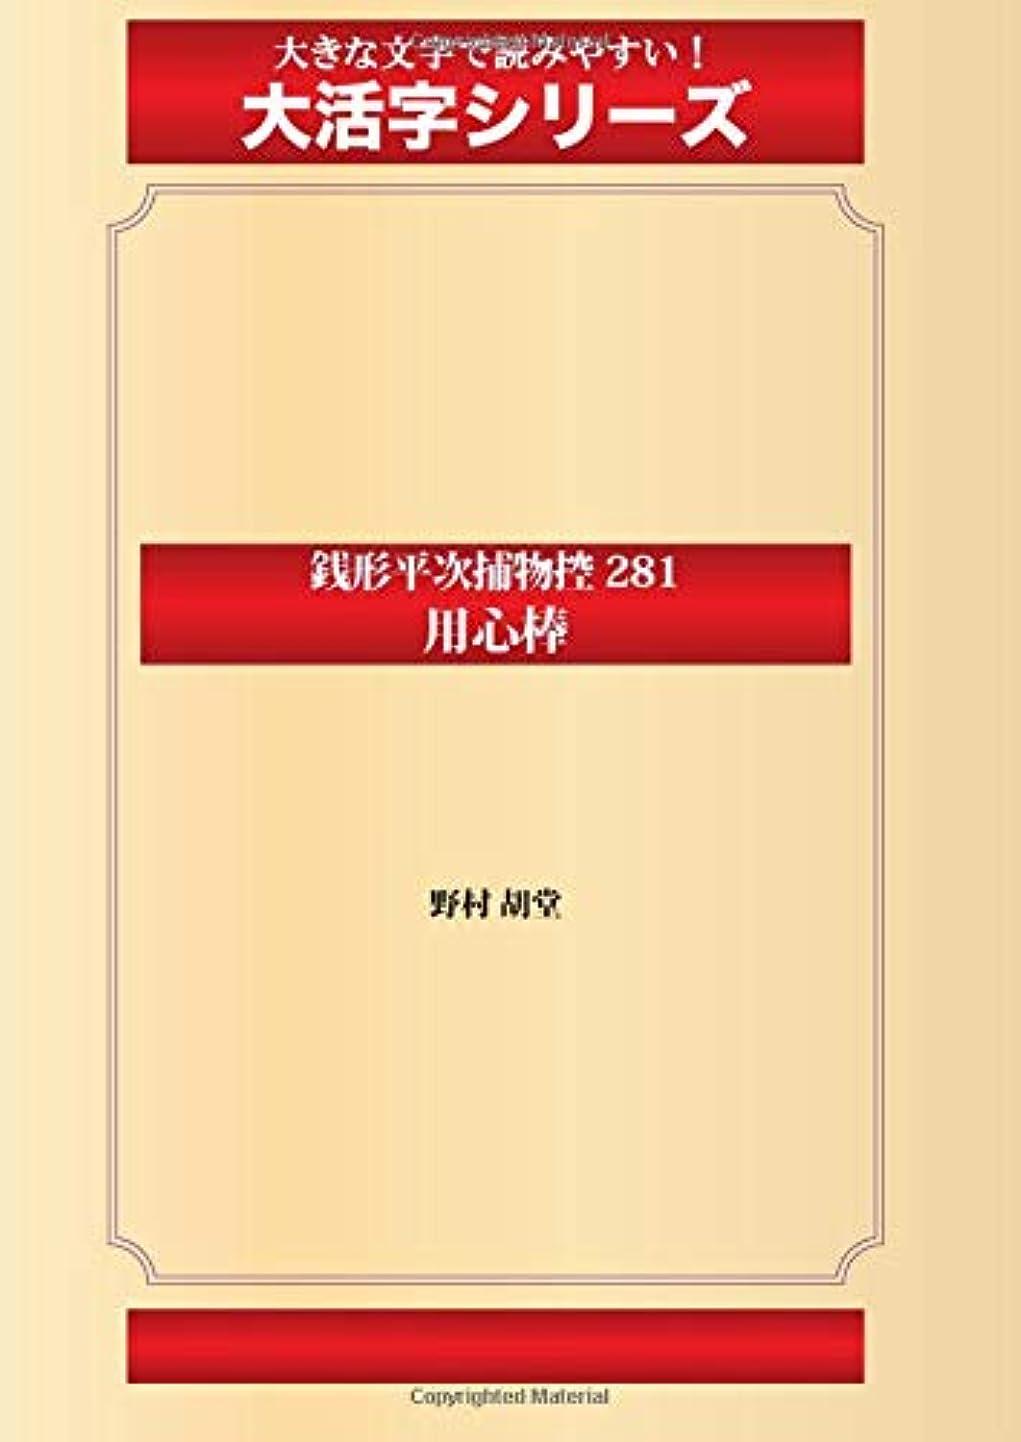 マージ引用エスカレート銭形平次捕物控 281 用心棒(ゴマブックス大活字シリーズ)